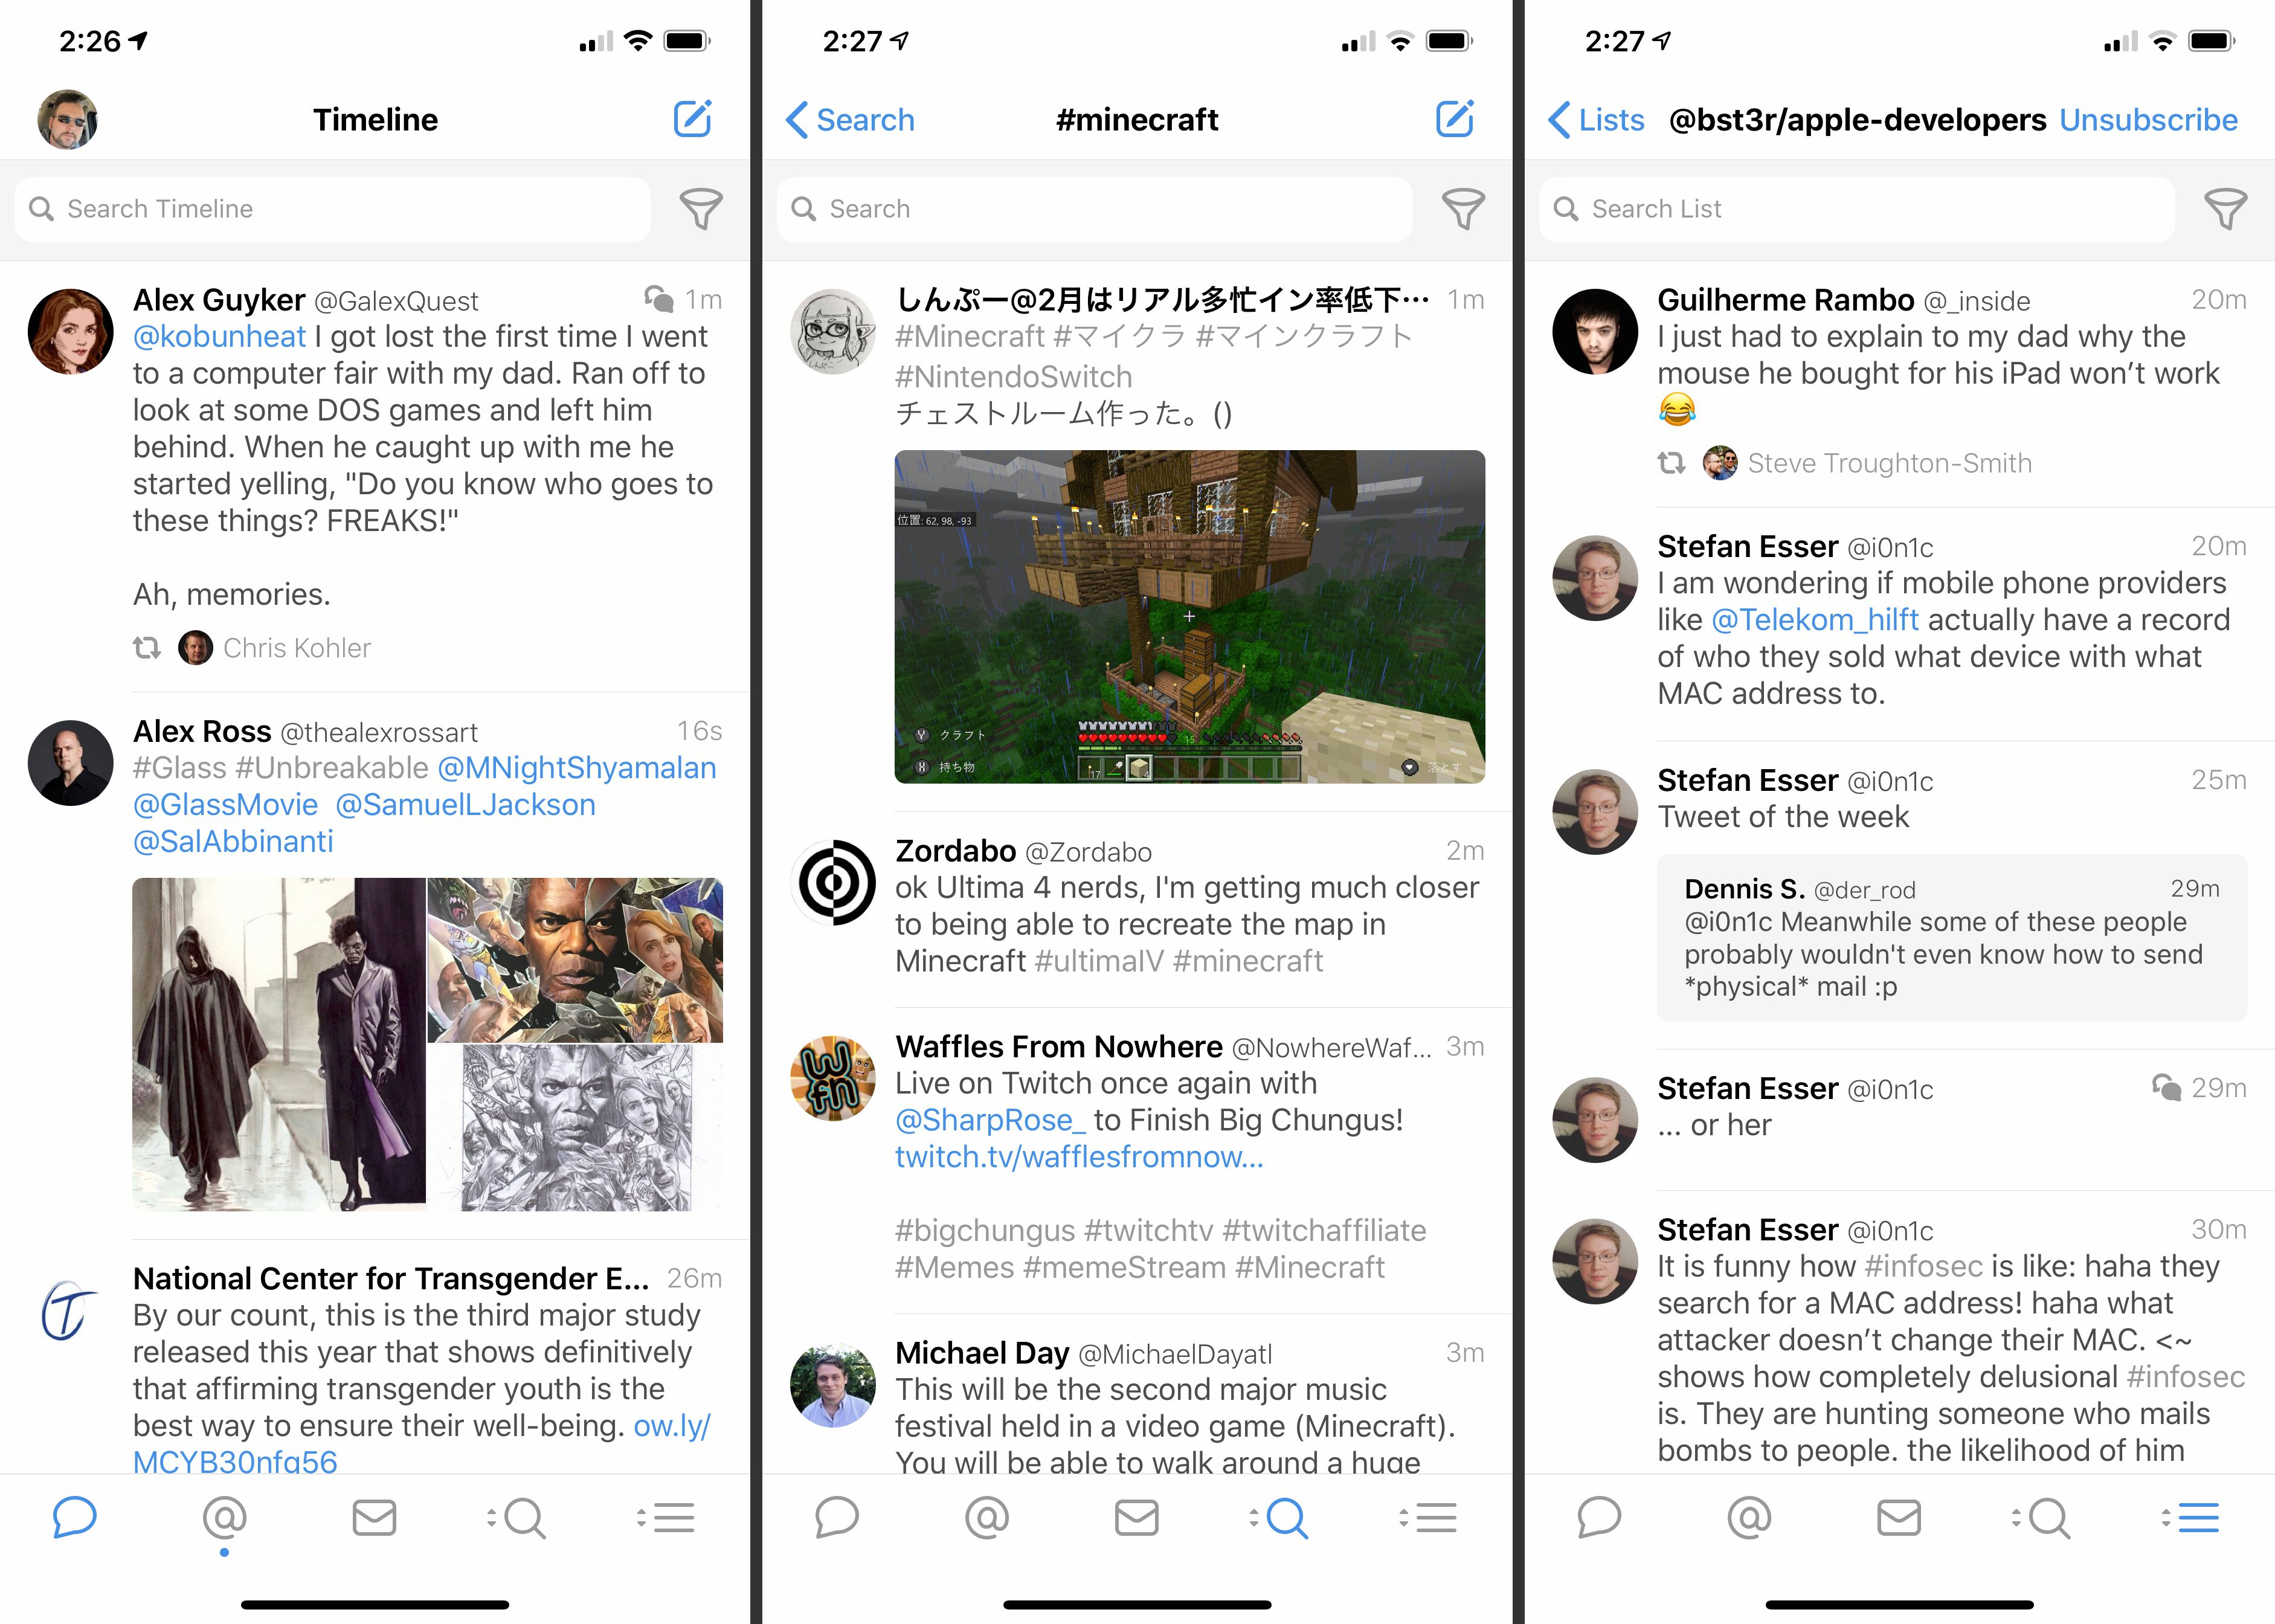 Three iOS Twitter screens